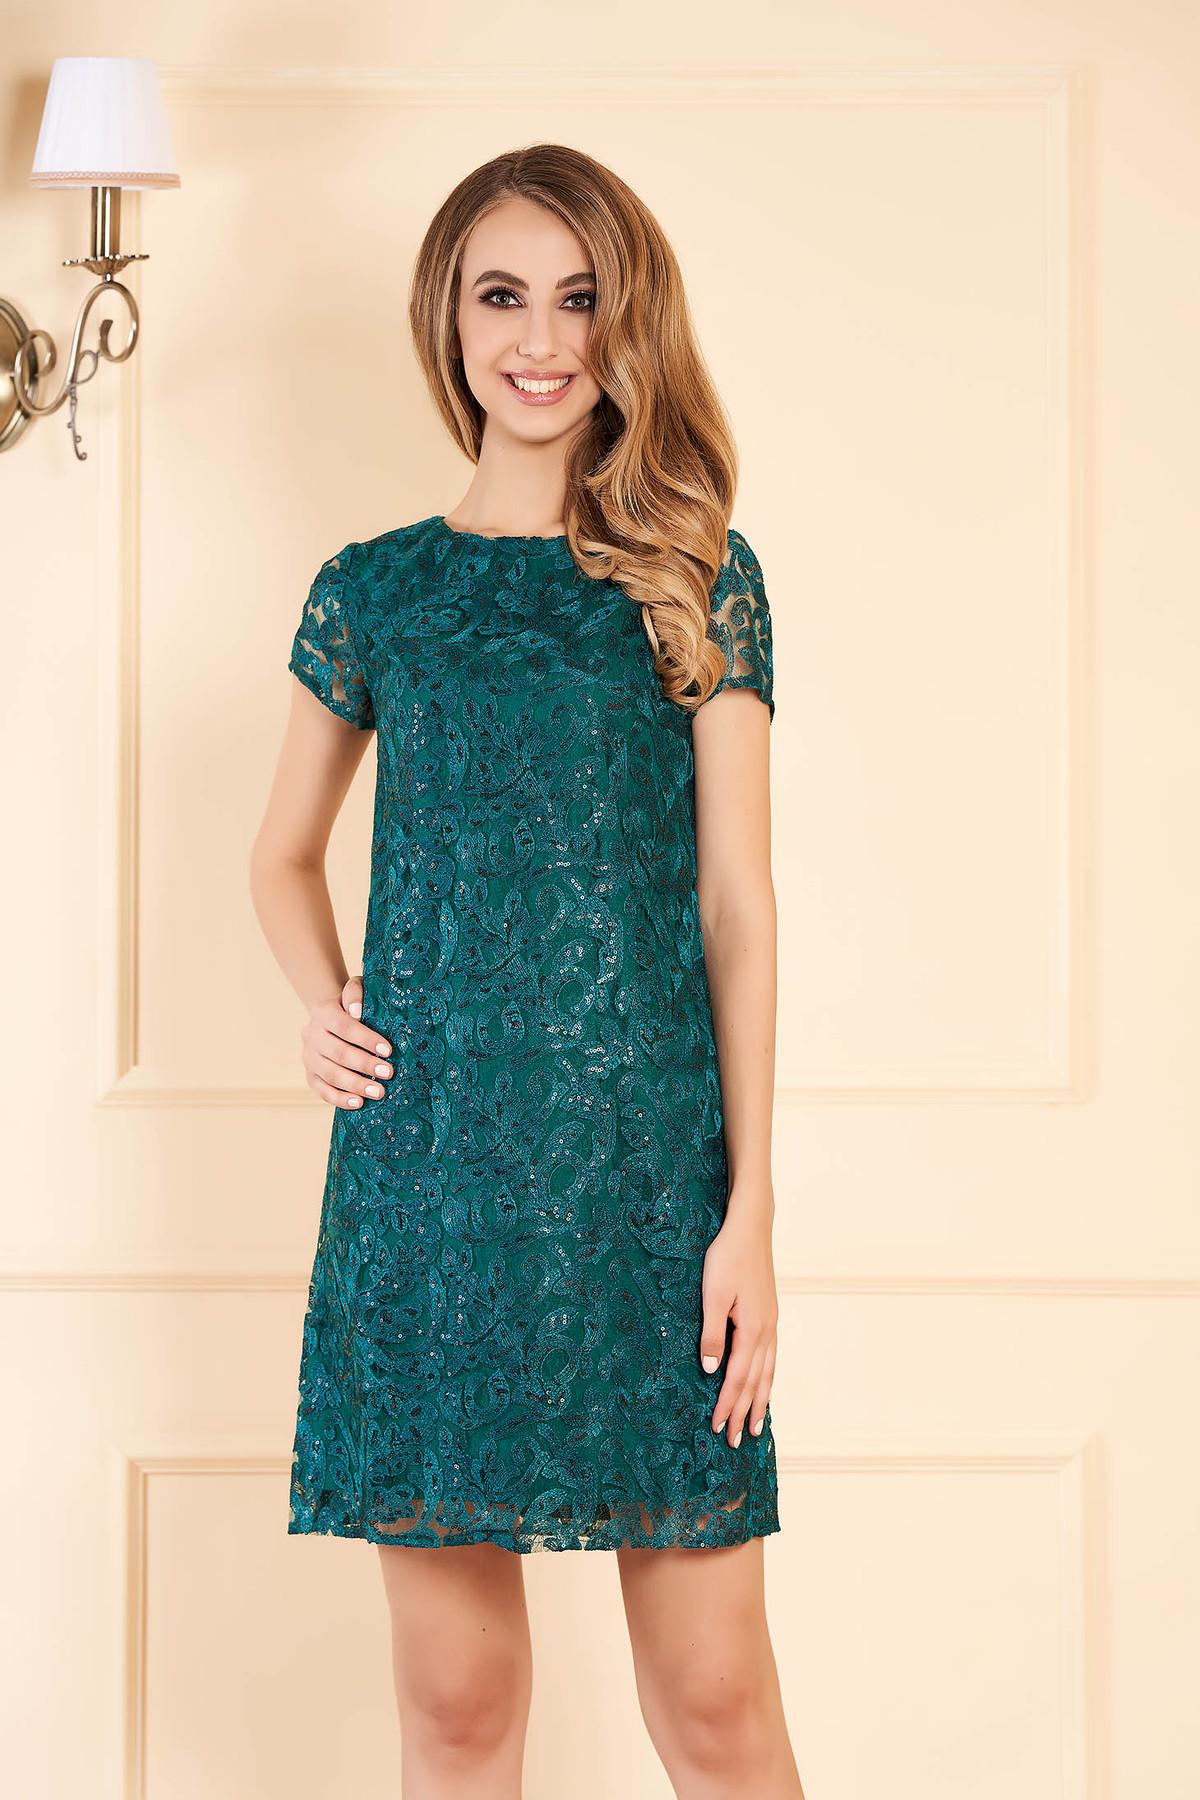 Rochie verde-inchis de ocazie cu croi larg din dantela cu aplicatii cu paiete captusita pe interior